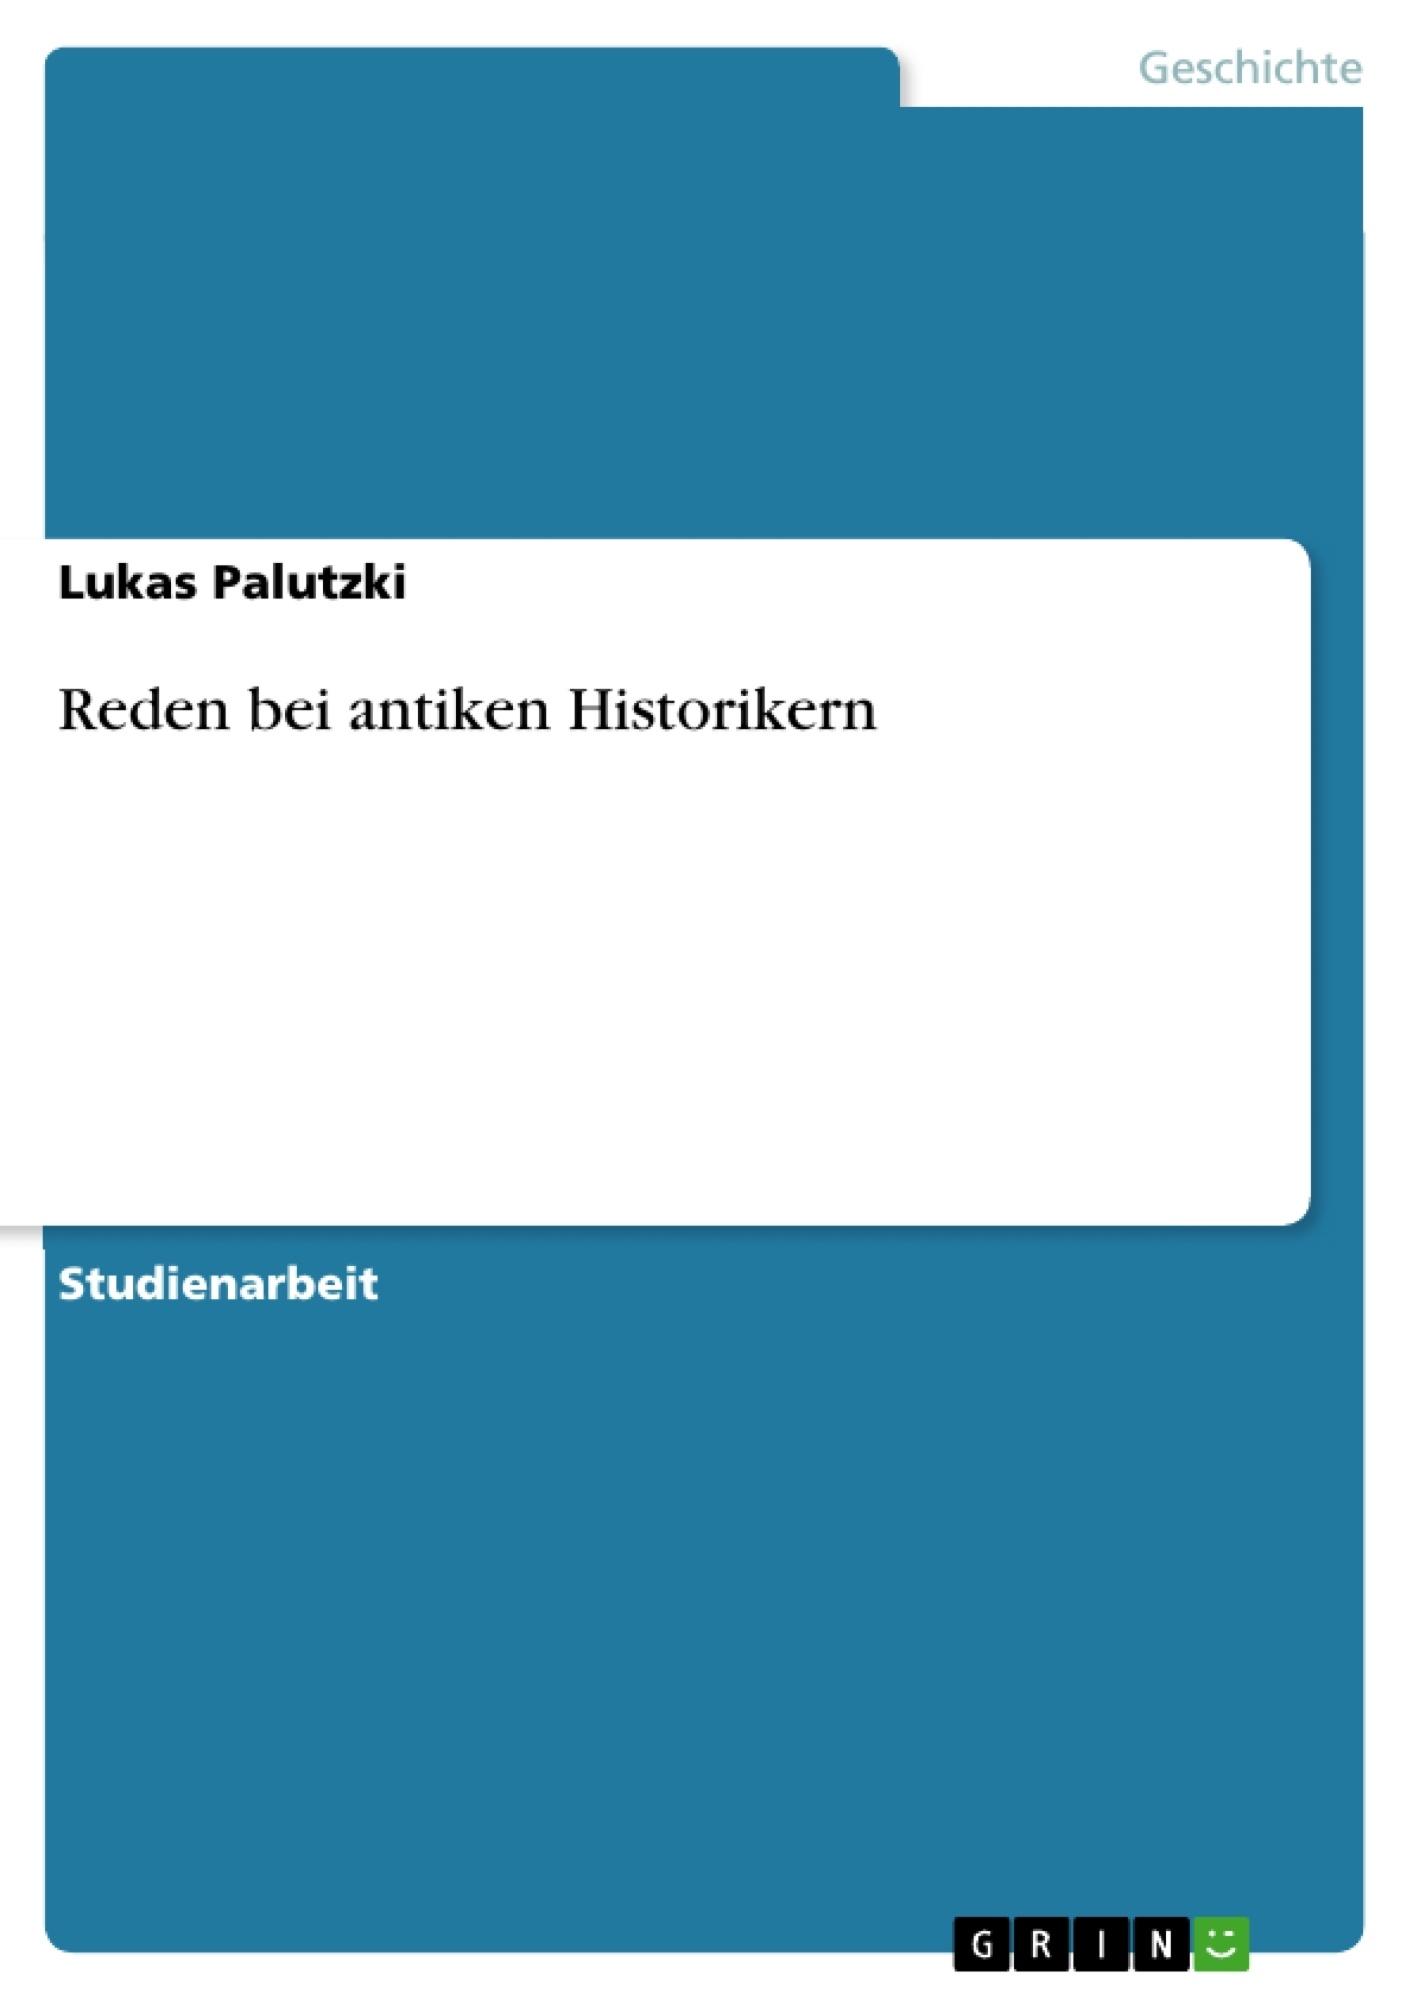 Titel: Reden bei antiken Historikern